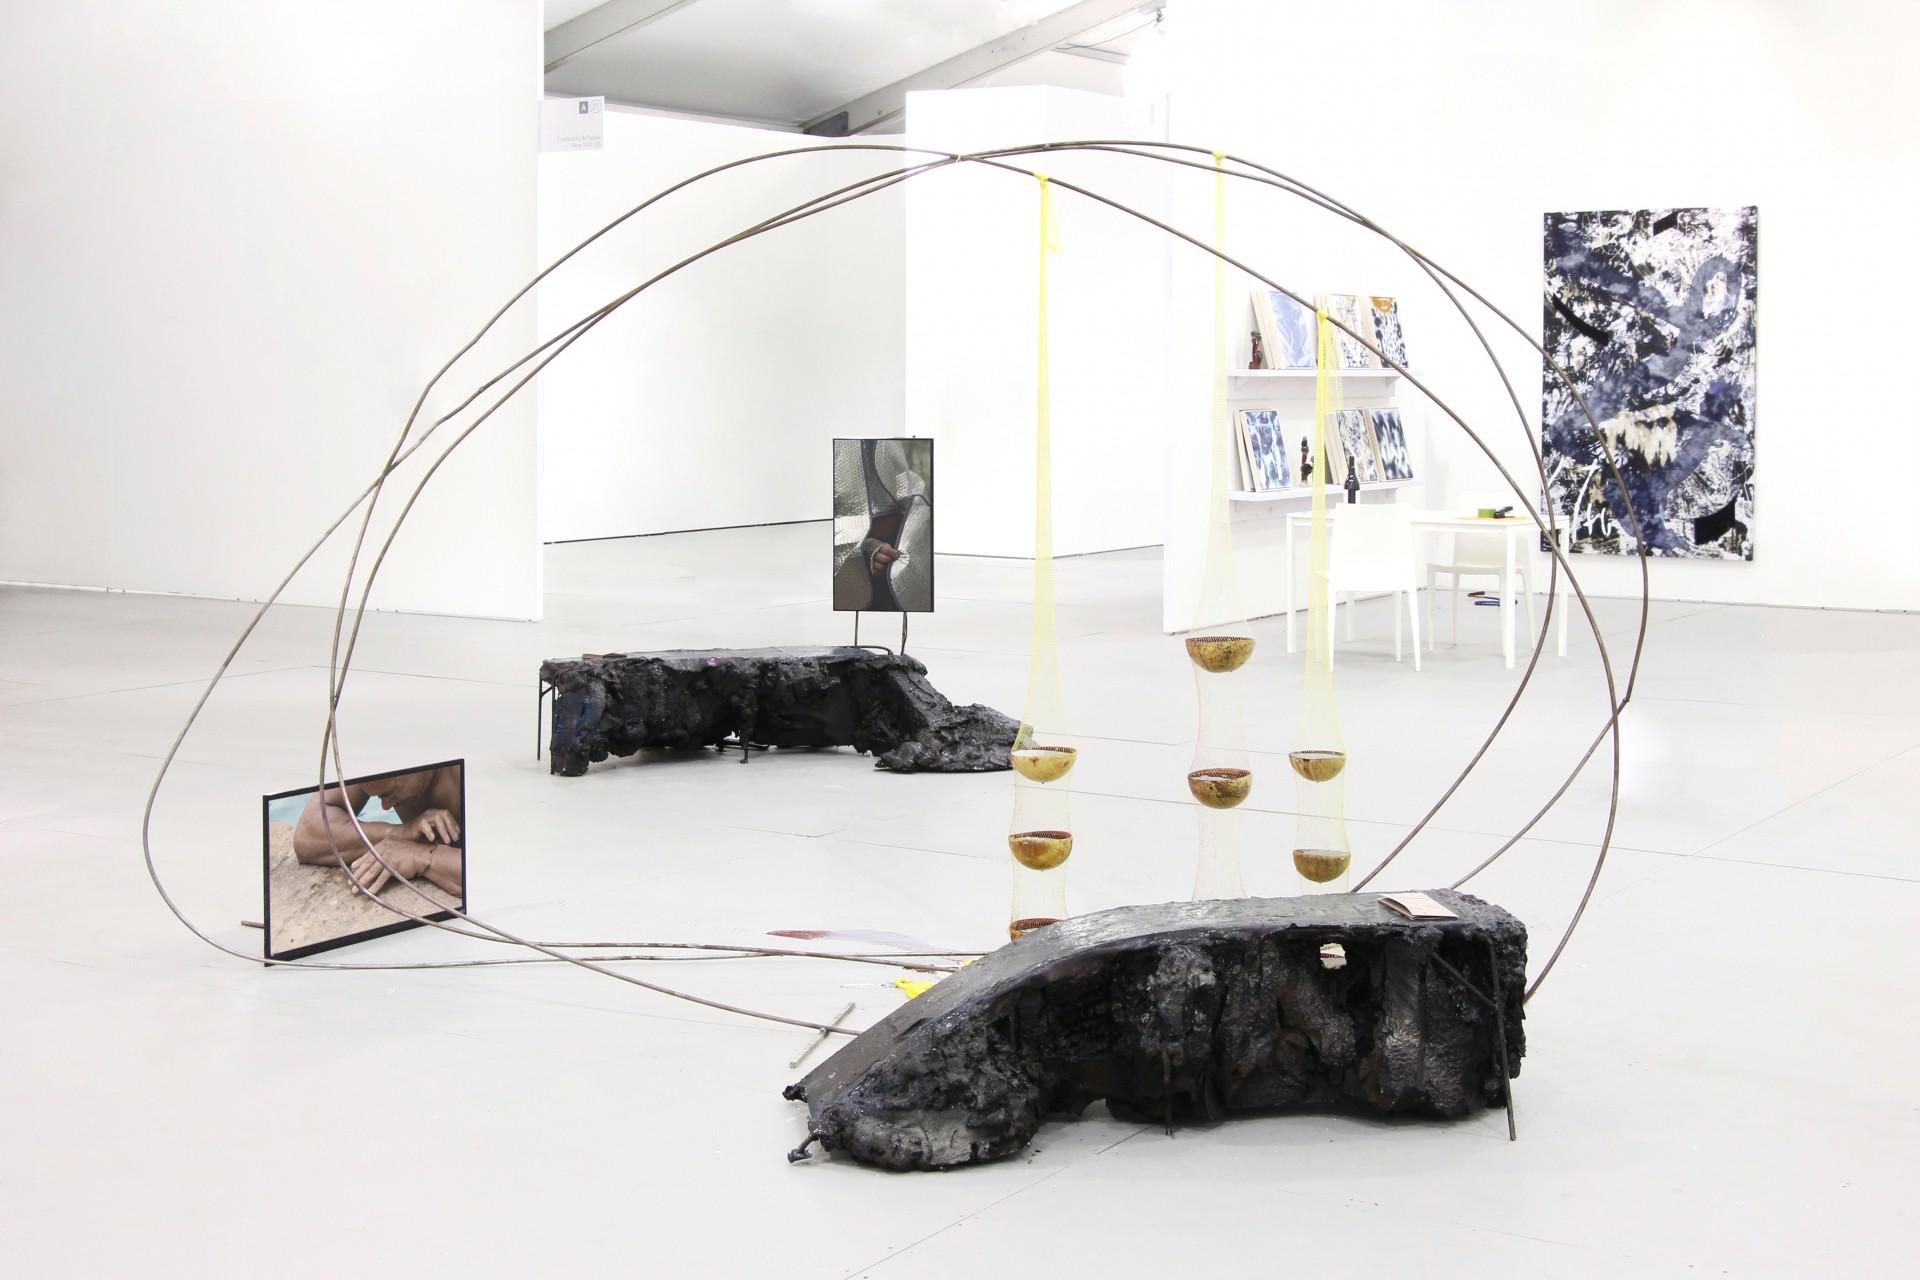 Ben Van den Berghe The Well, Vanderborght, Brussels – Untitled, Miami, 2018